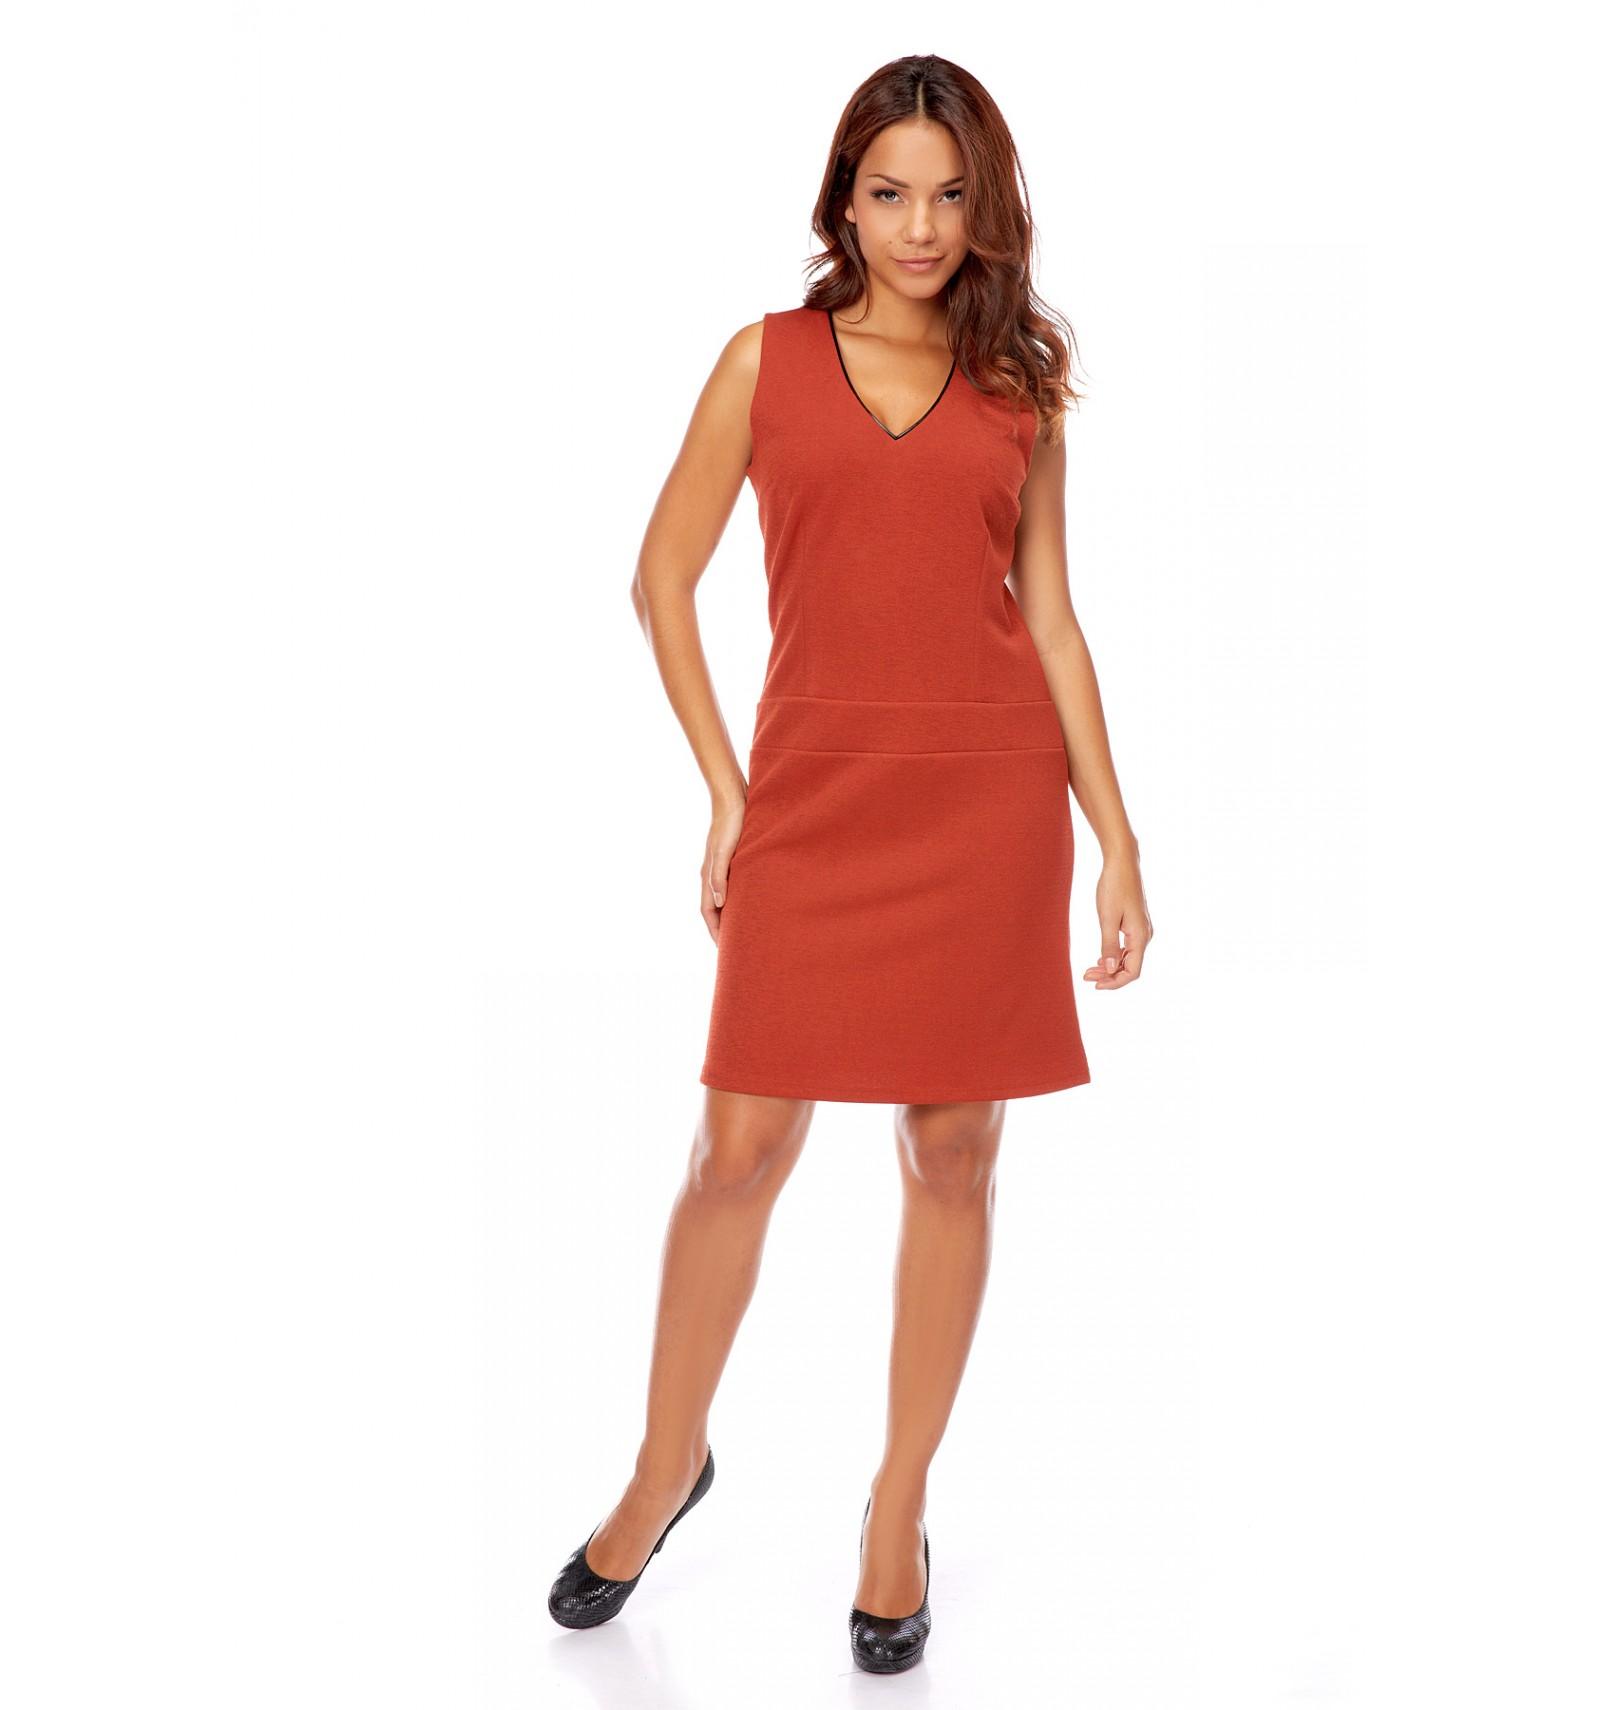 Preiswertes rechtes Kleid kaufen